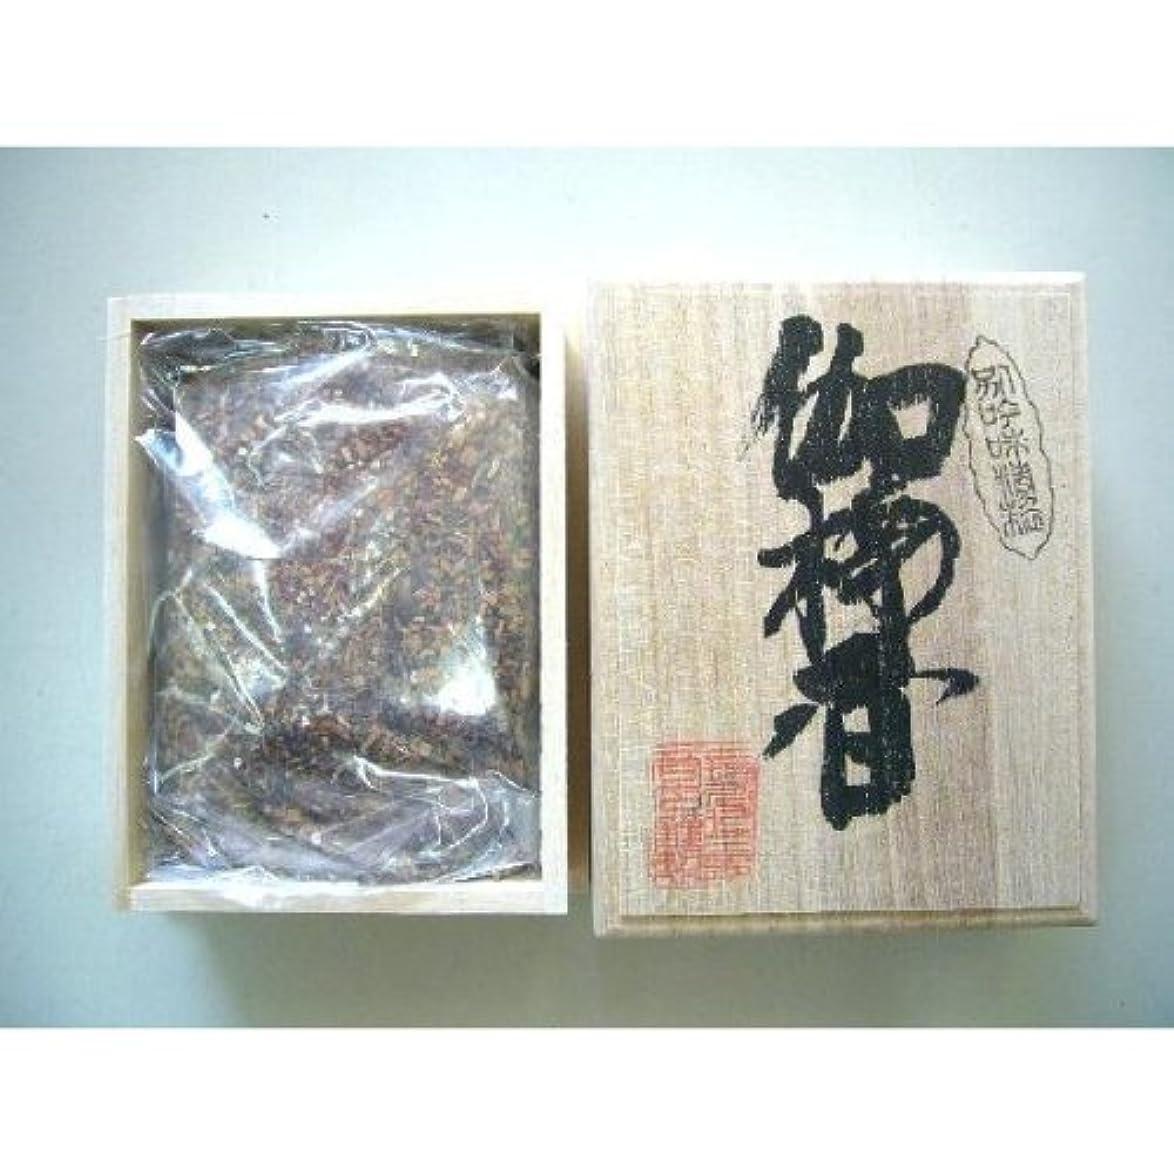 横マイクロプロセッサ変形焼香 伽楠香120g桐箱入り 抹香